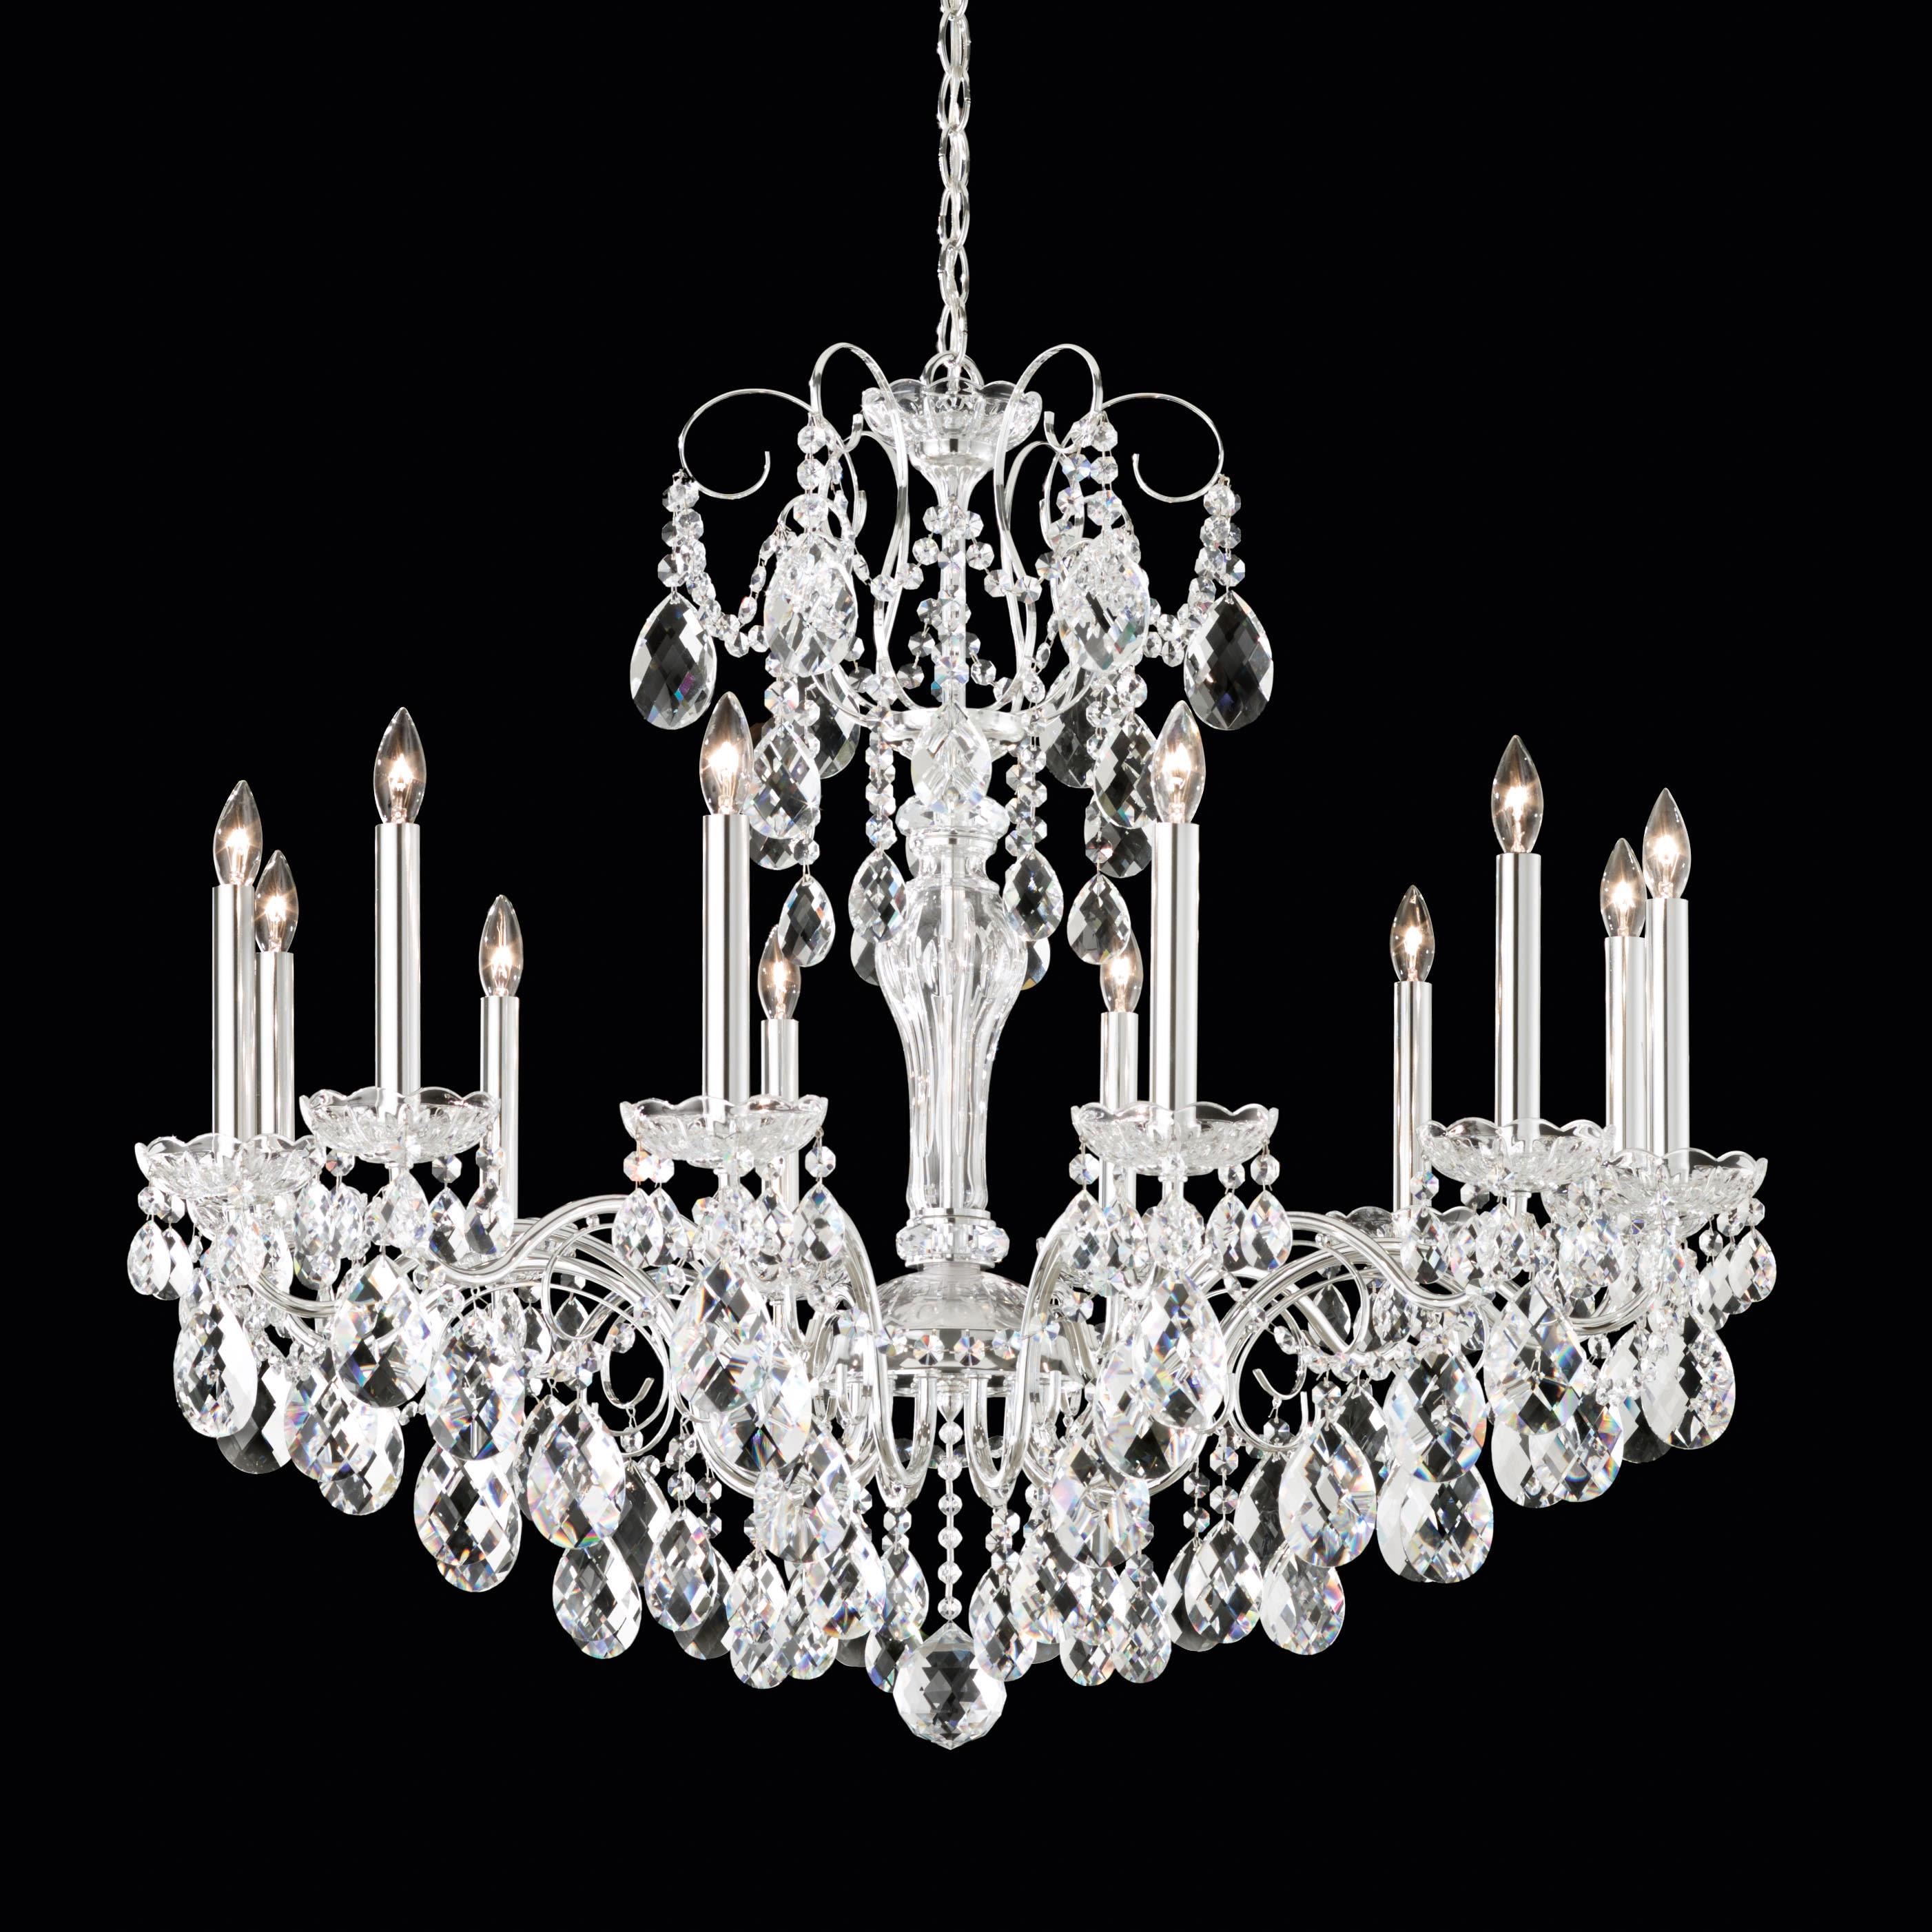 Wide Crystal Chandelier, Schonbek 12 Light Crystal Chandelier